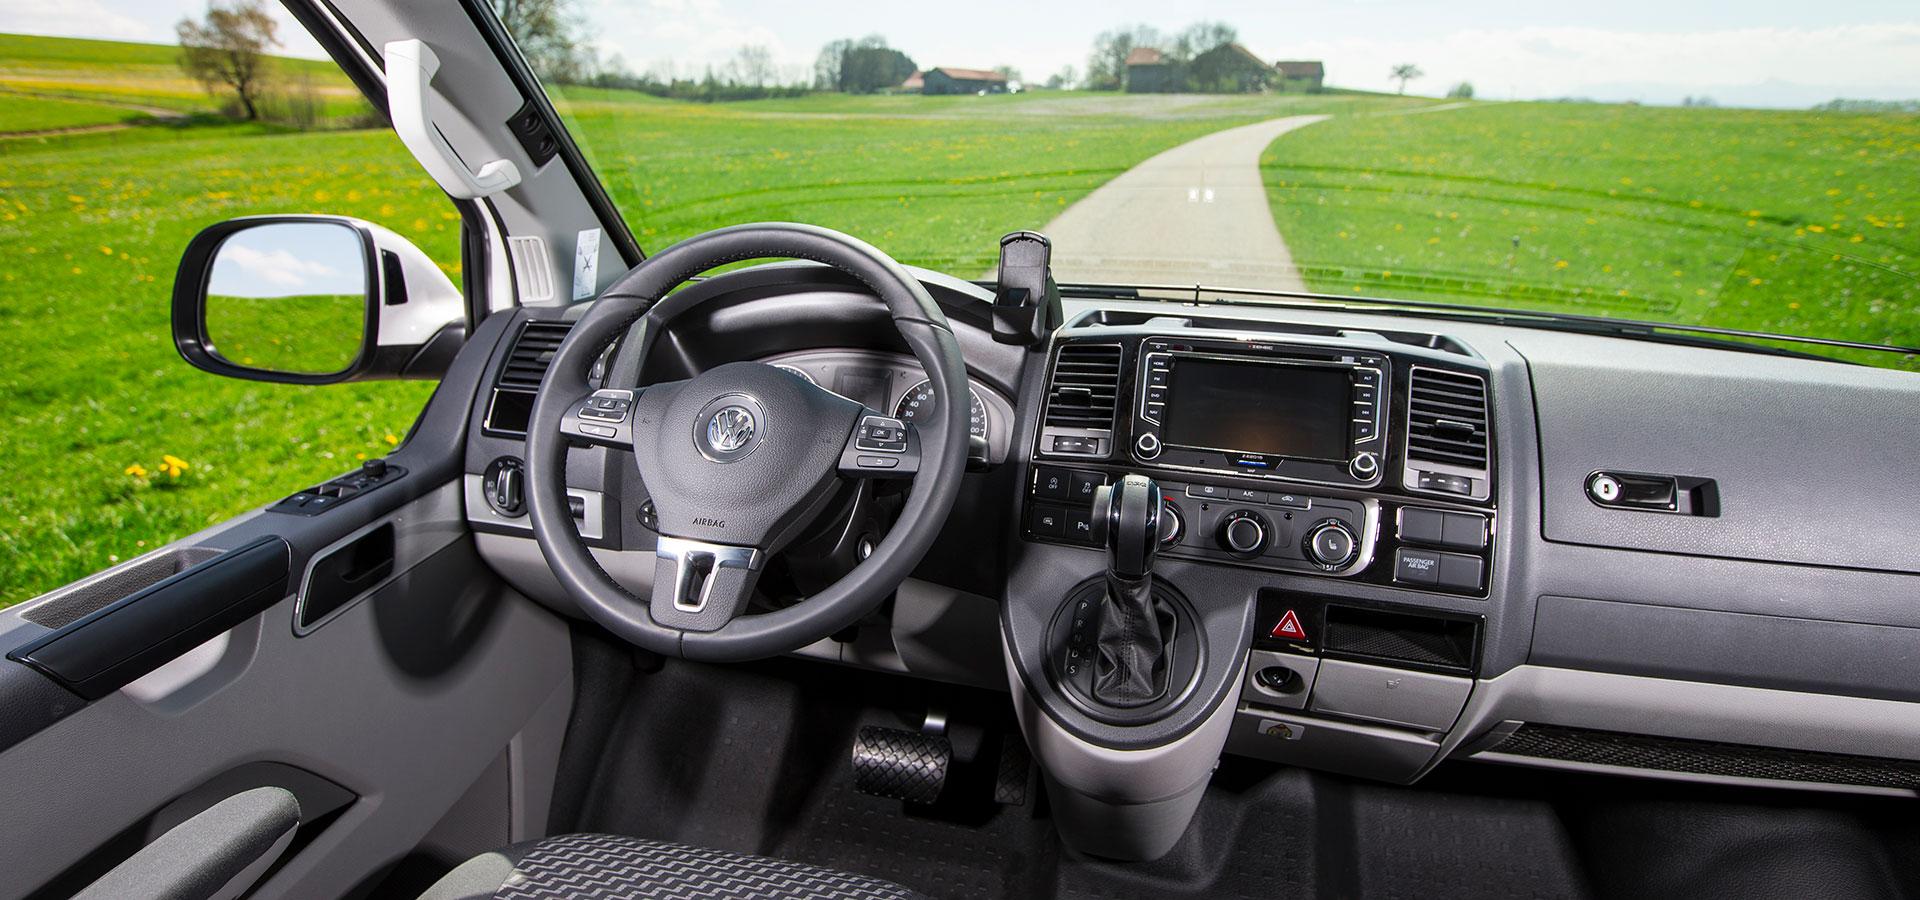 VW T5 - ABT Sportsline